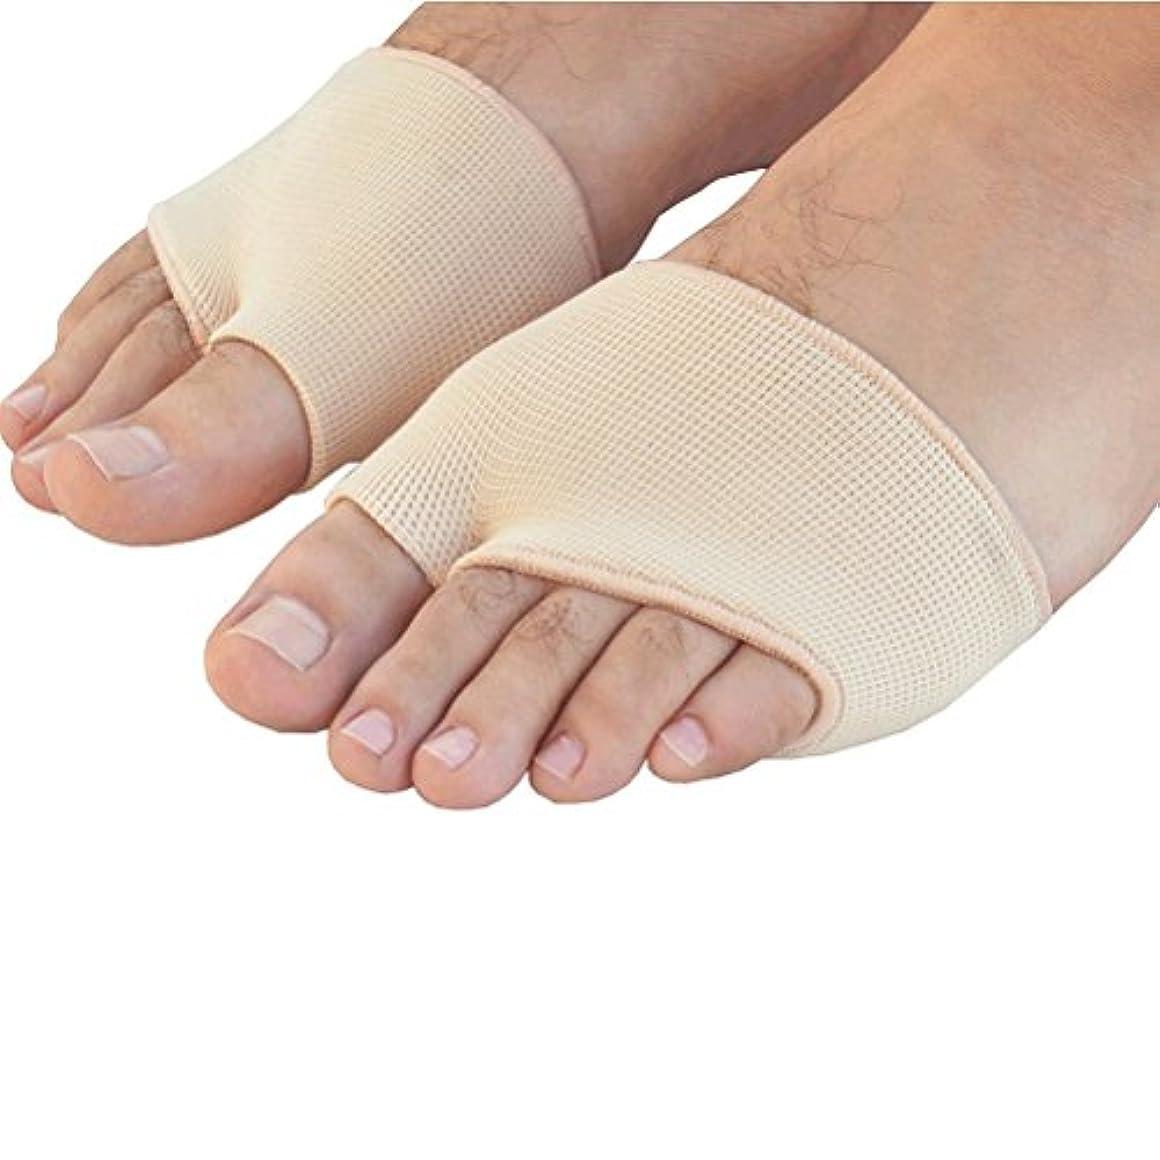 無謀動物園興味ROSENICE ゲル前足中足骨の痛み救済吸収クッション パッド 足底筋膜炎インソール 衝撃吸収 サイズS(肌の色)